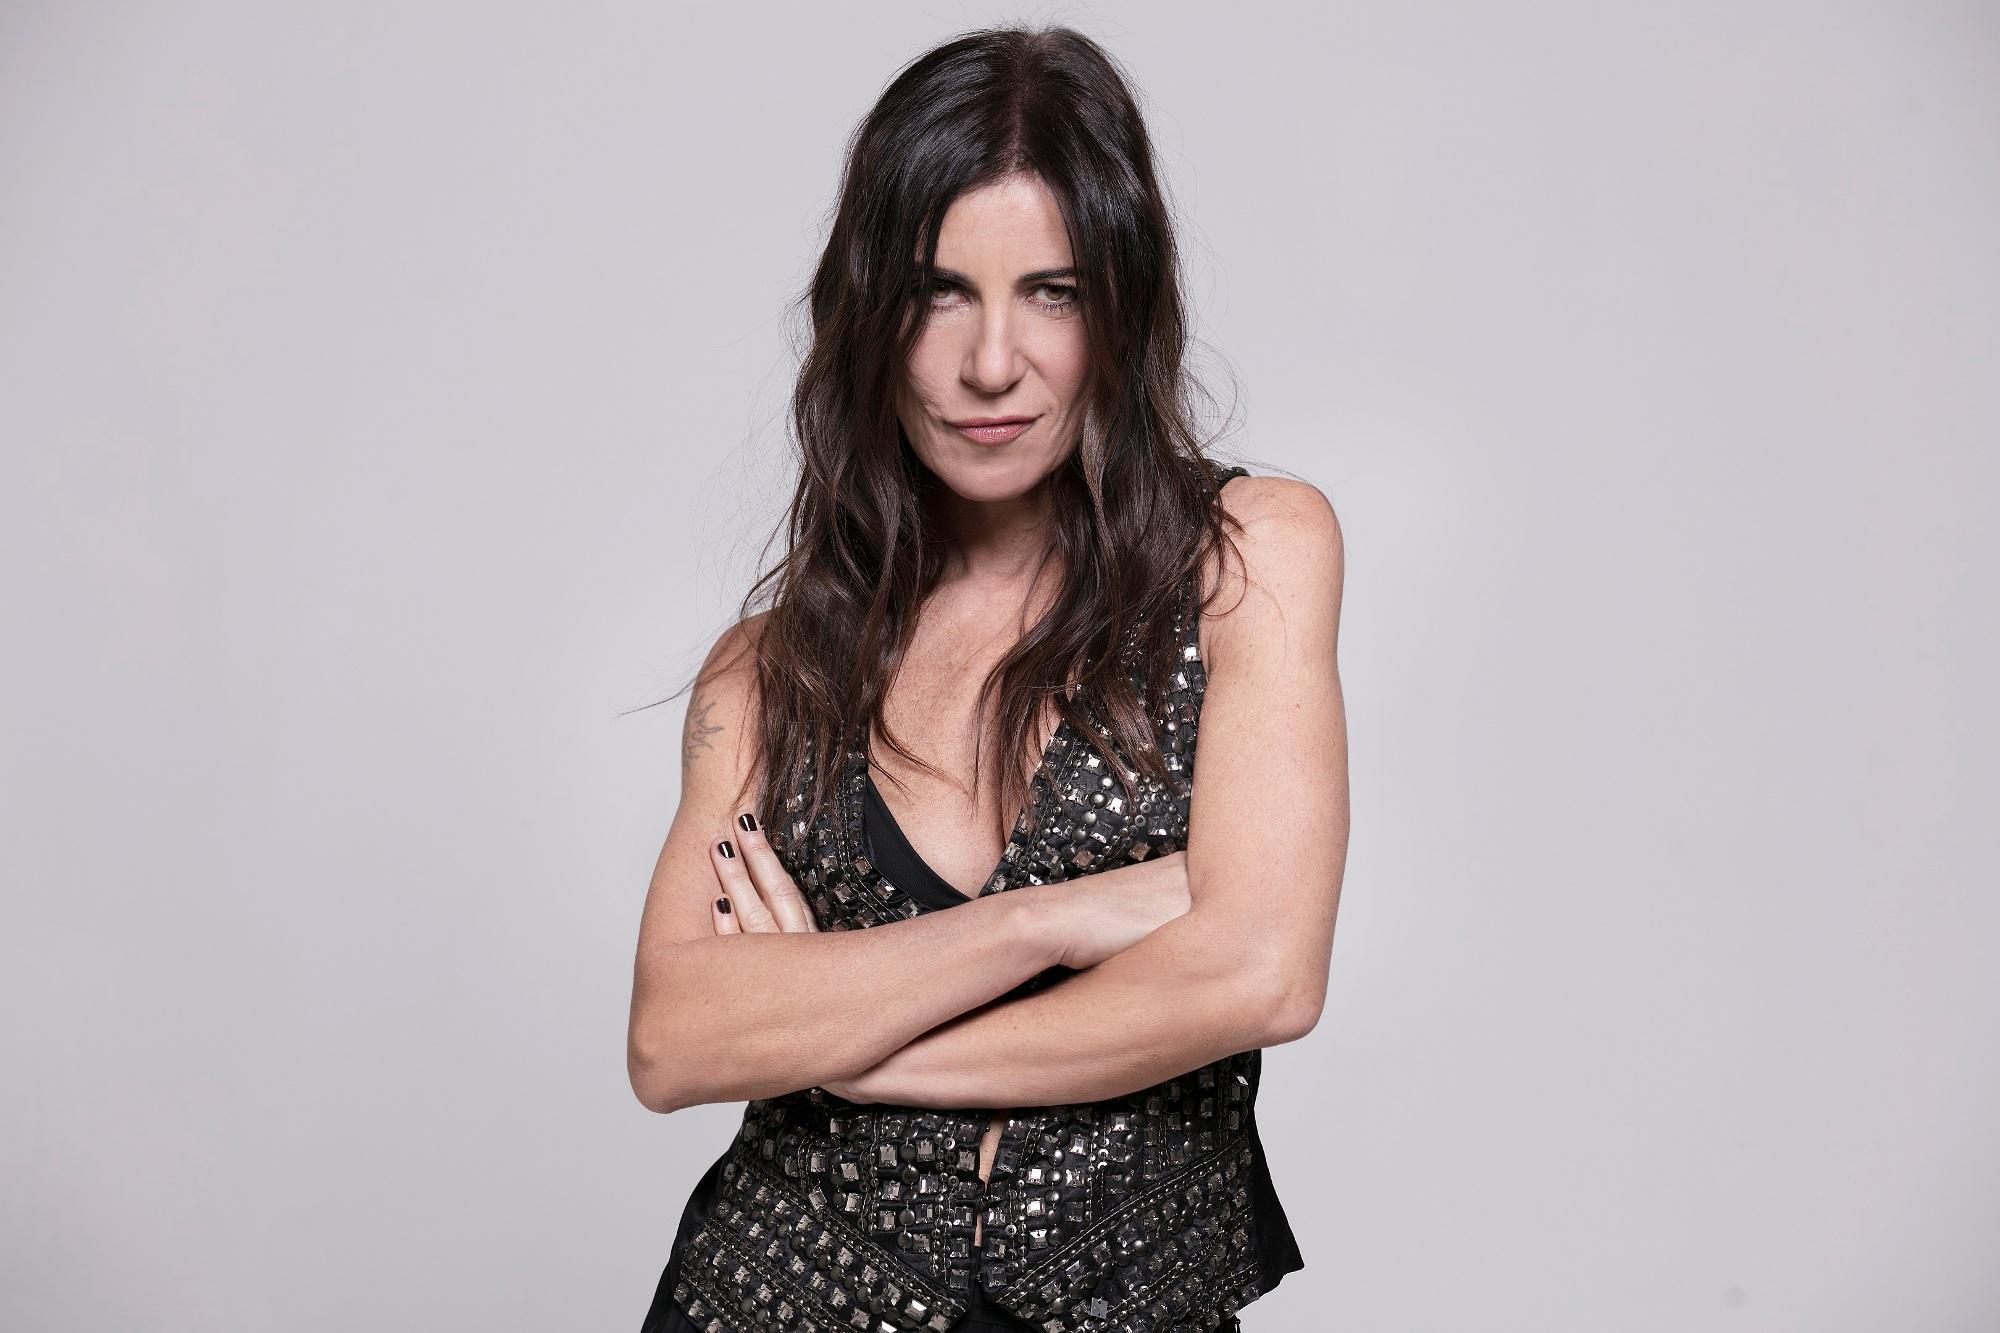 """Paola Turci: """"Mai sentita così bella e forte, mi ispiro a donne come Patti Smith e Anna Magnani"""""""